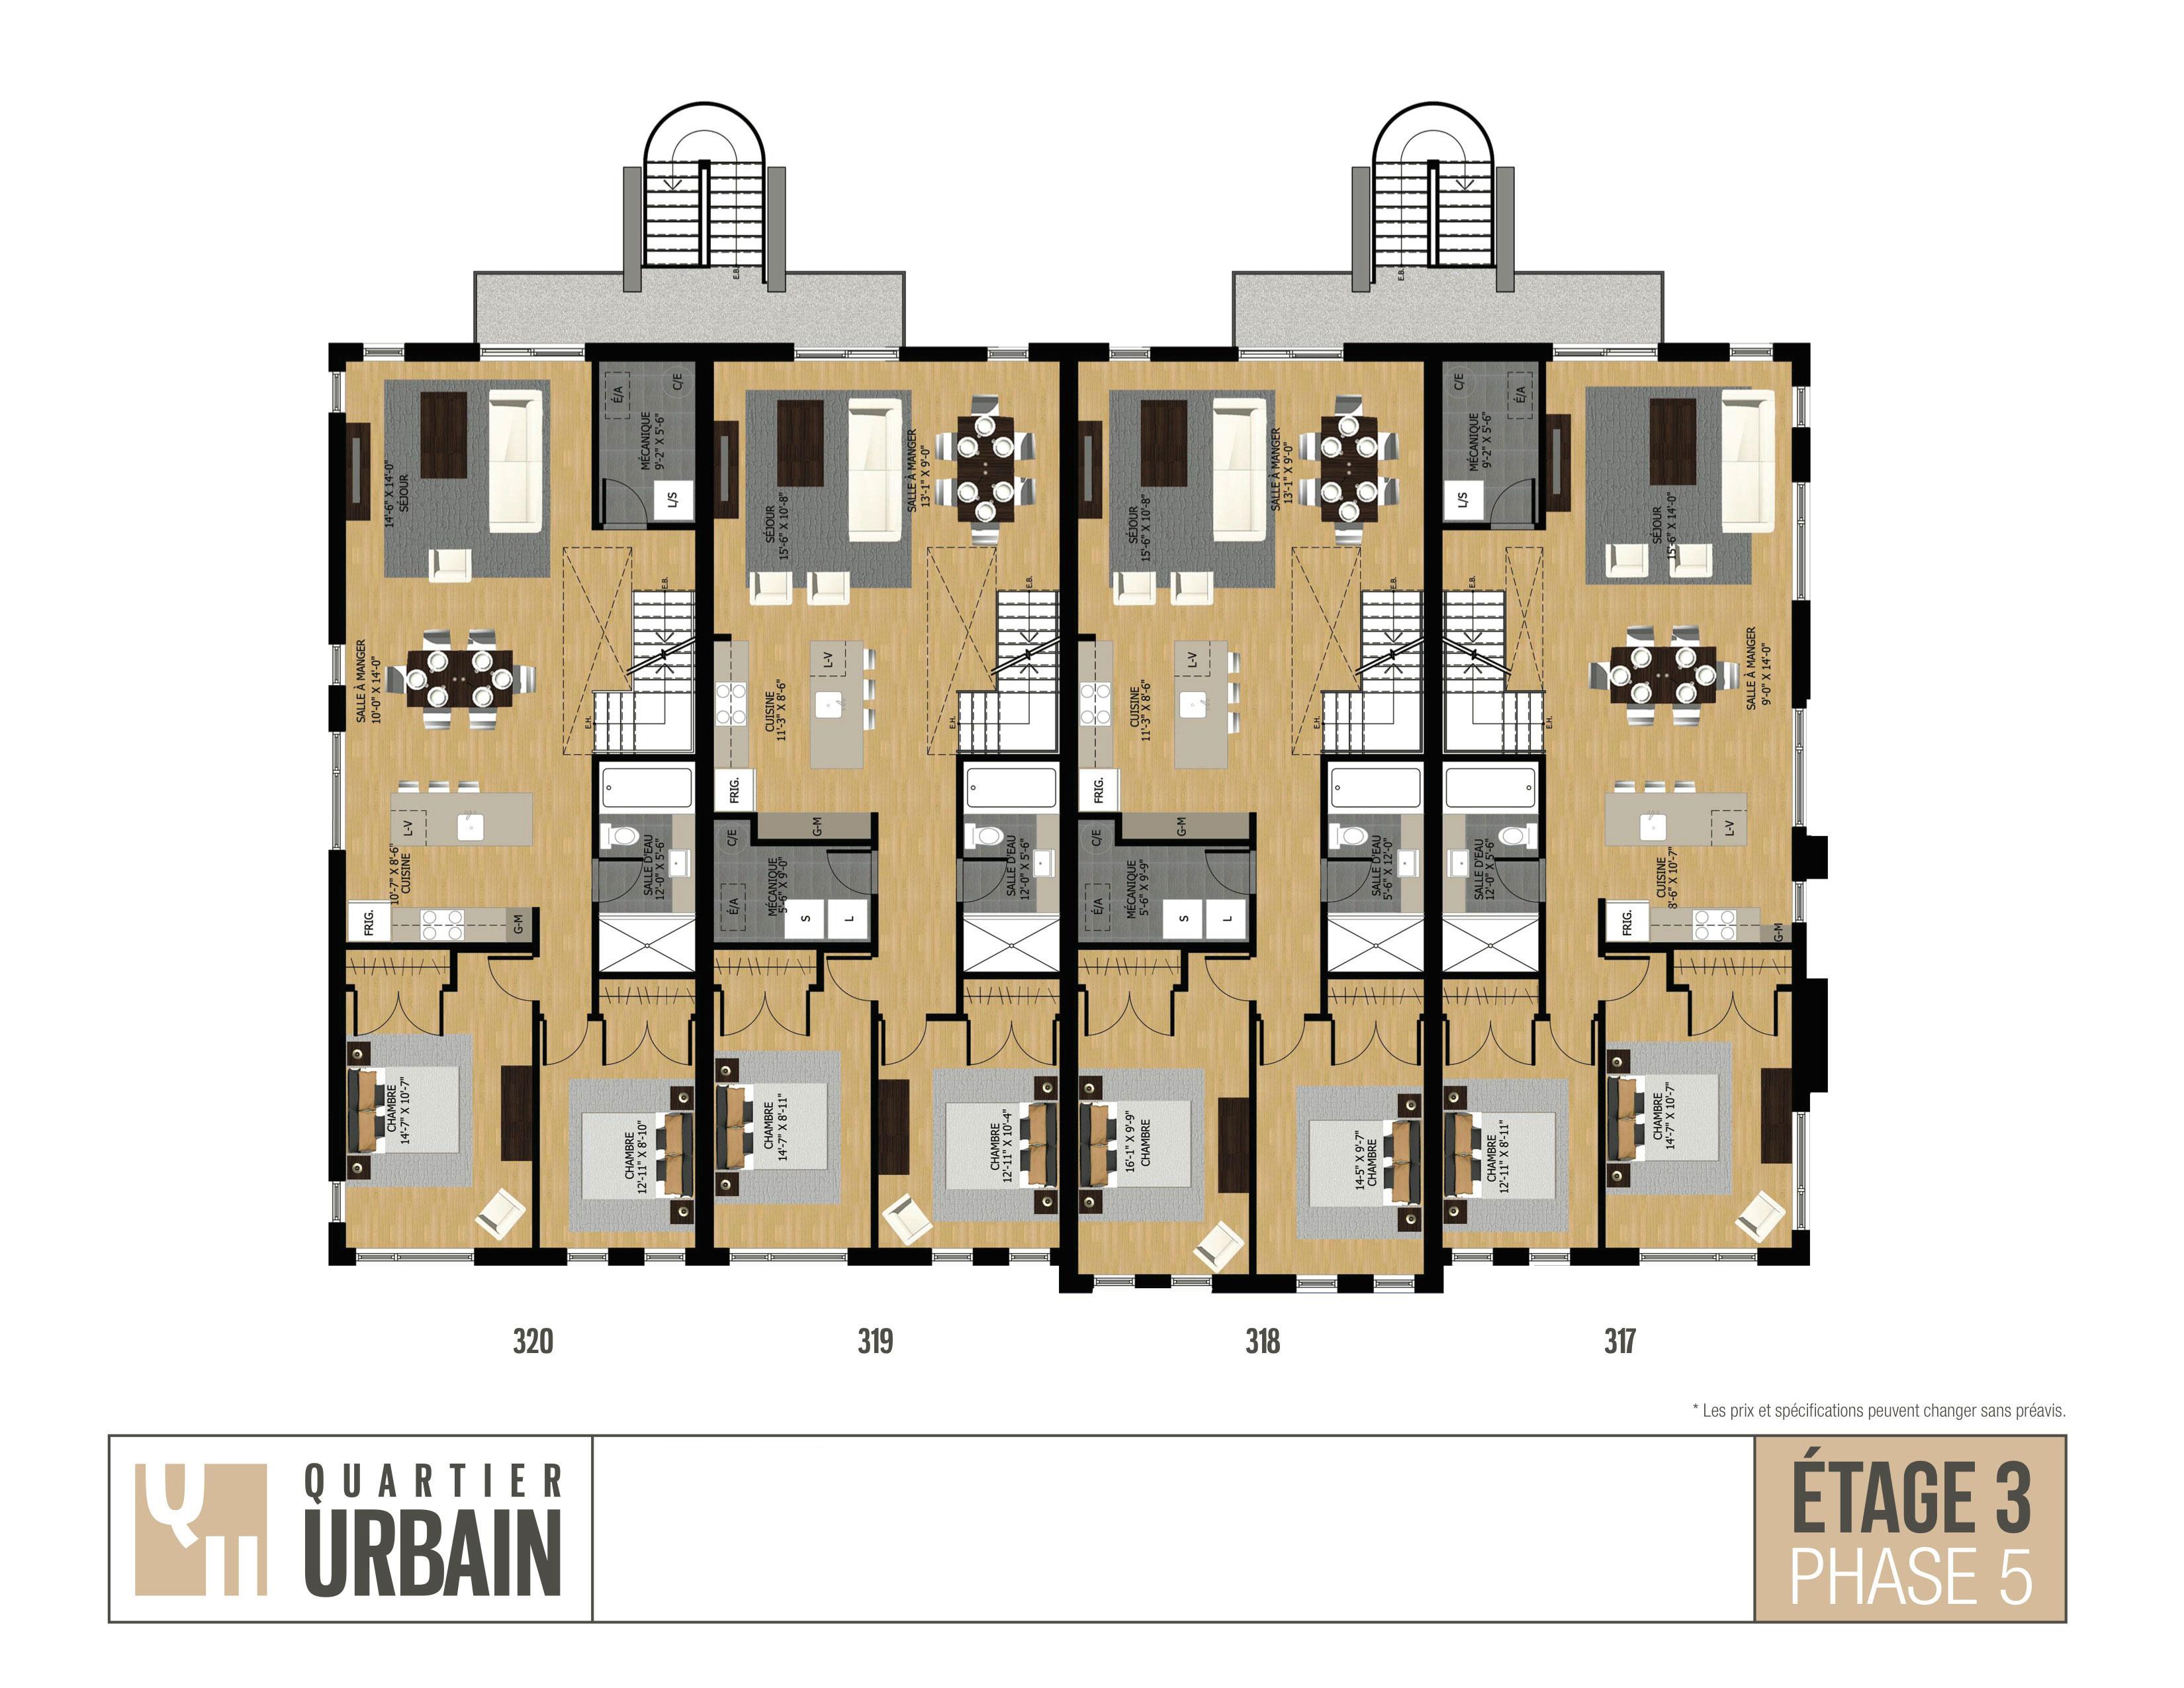 plan-etage-3-corrige_quartier-urbain